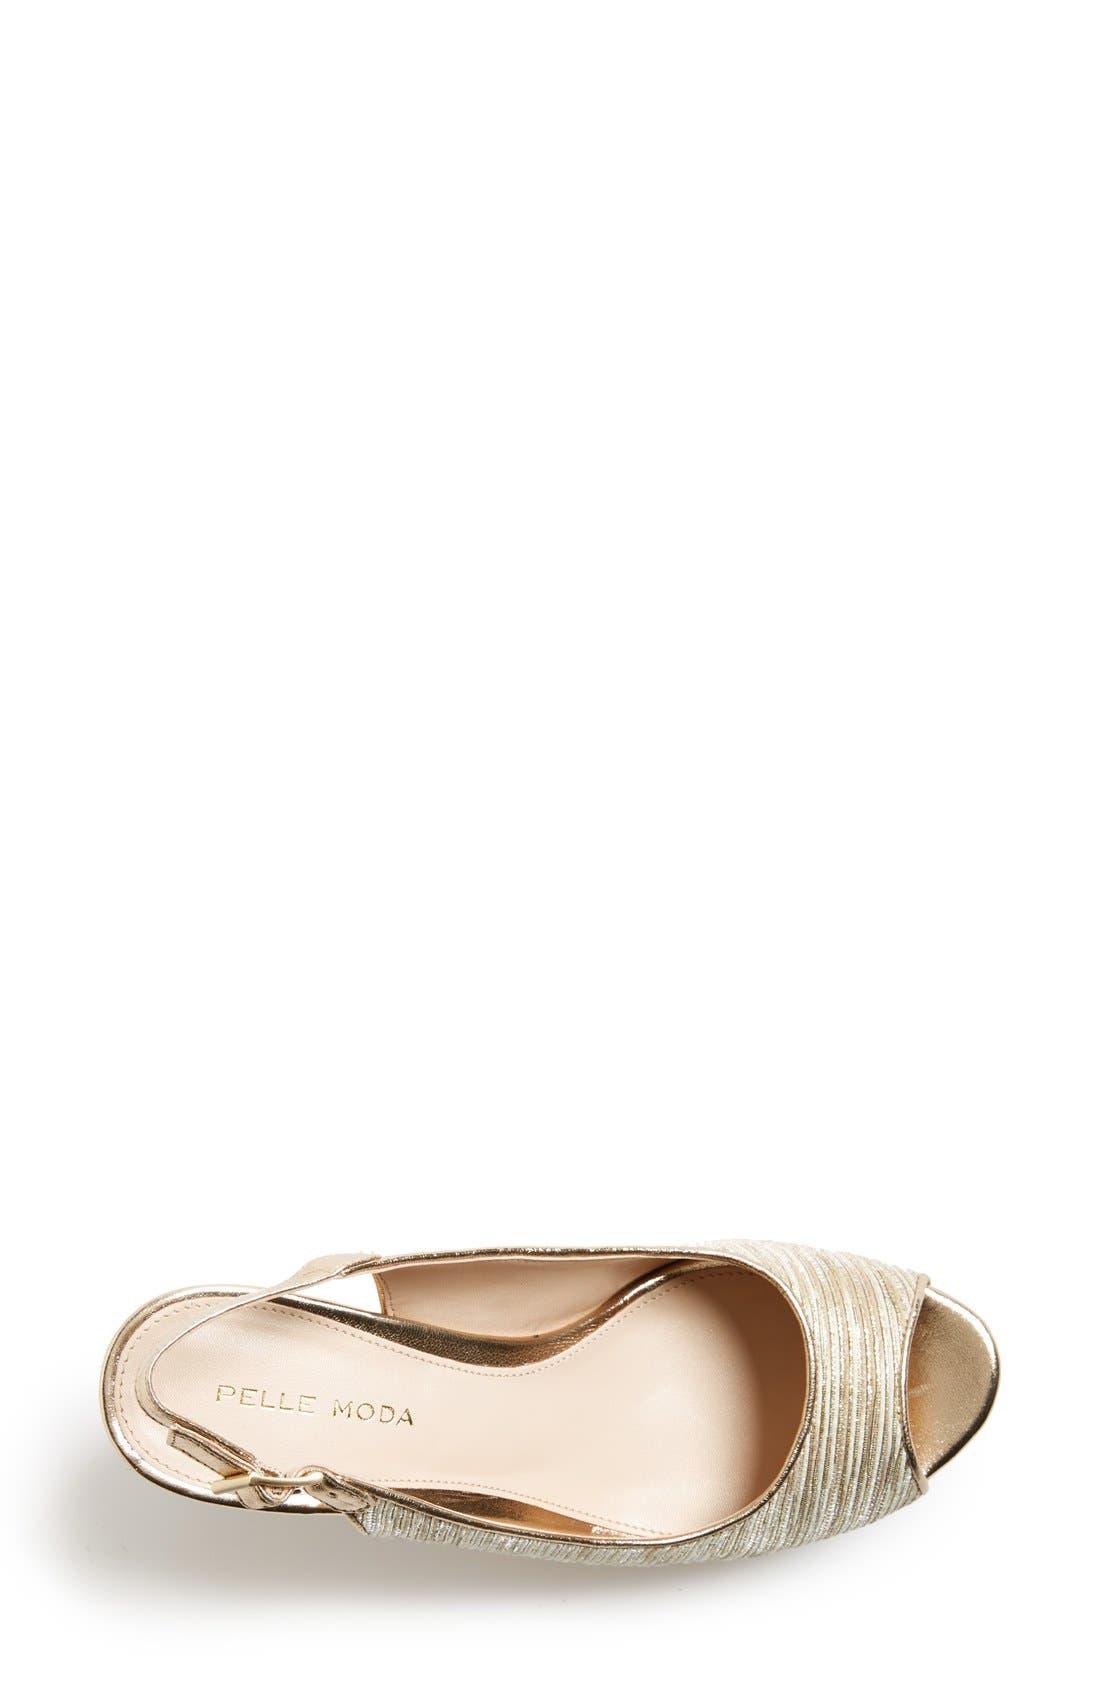 Alternate Image 3  - Pelle Moda 'Colby' Slingback Wedge Sandal (Women)